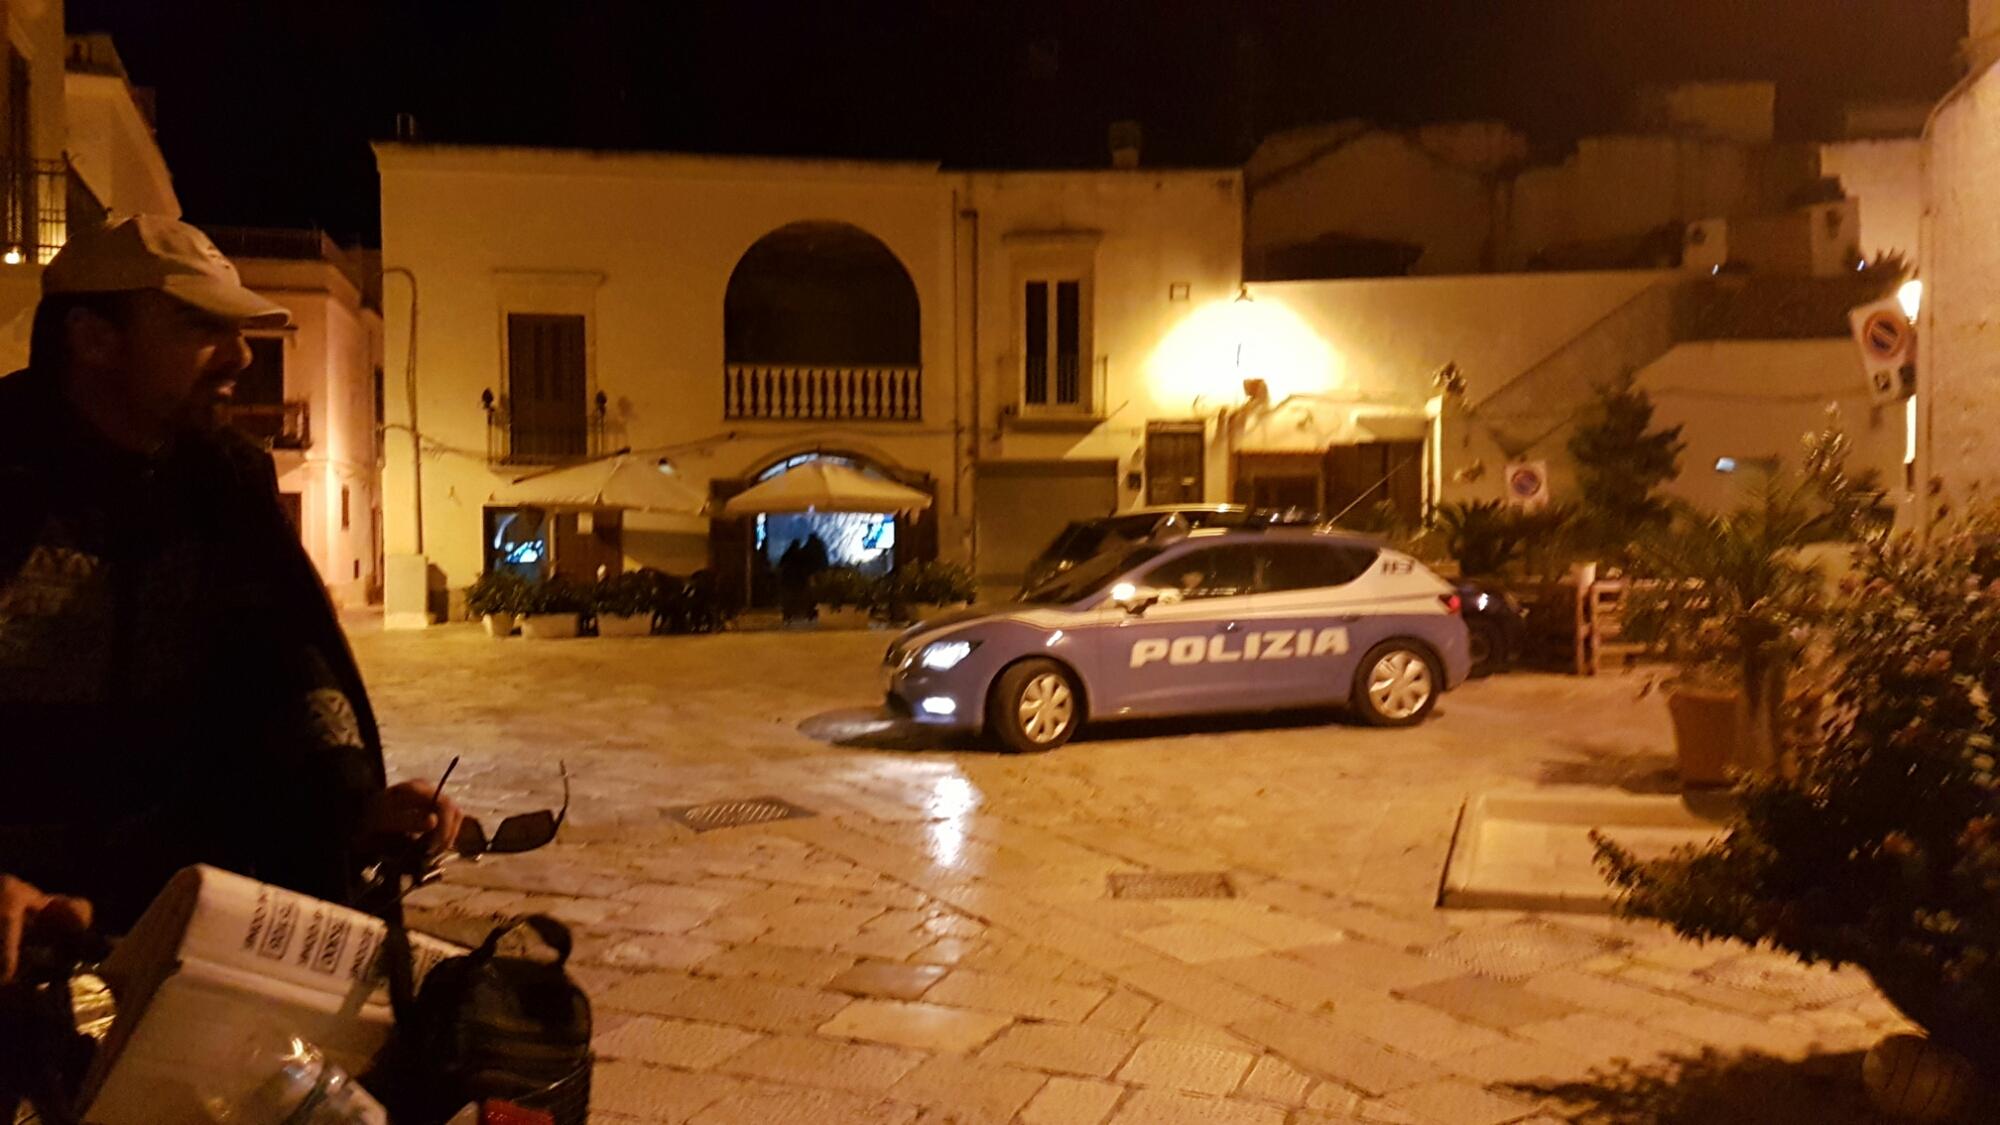 È mistero per una presunta rissa nel centro storico di Mesagne